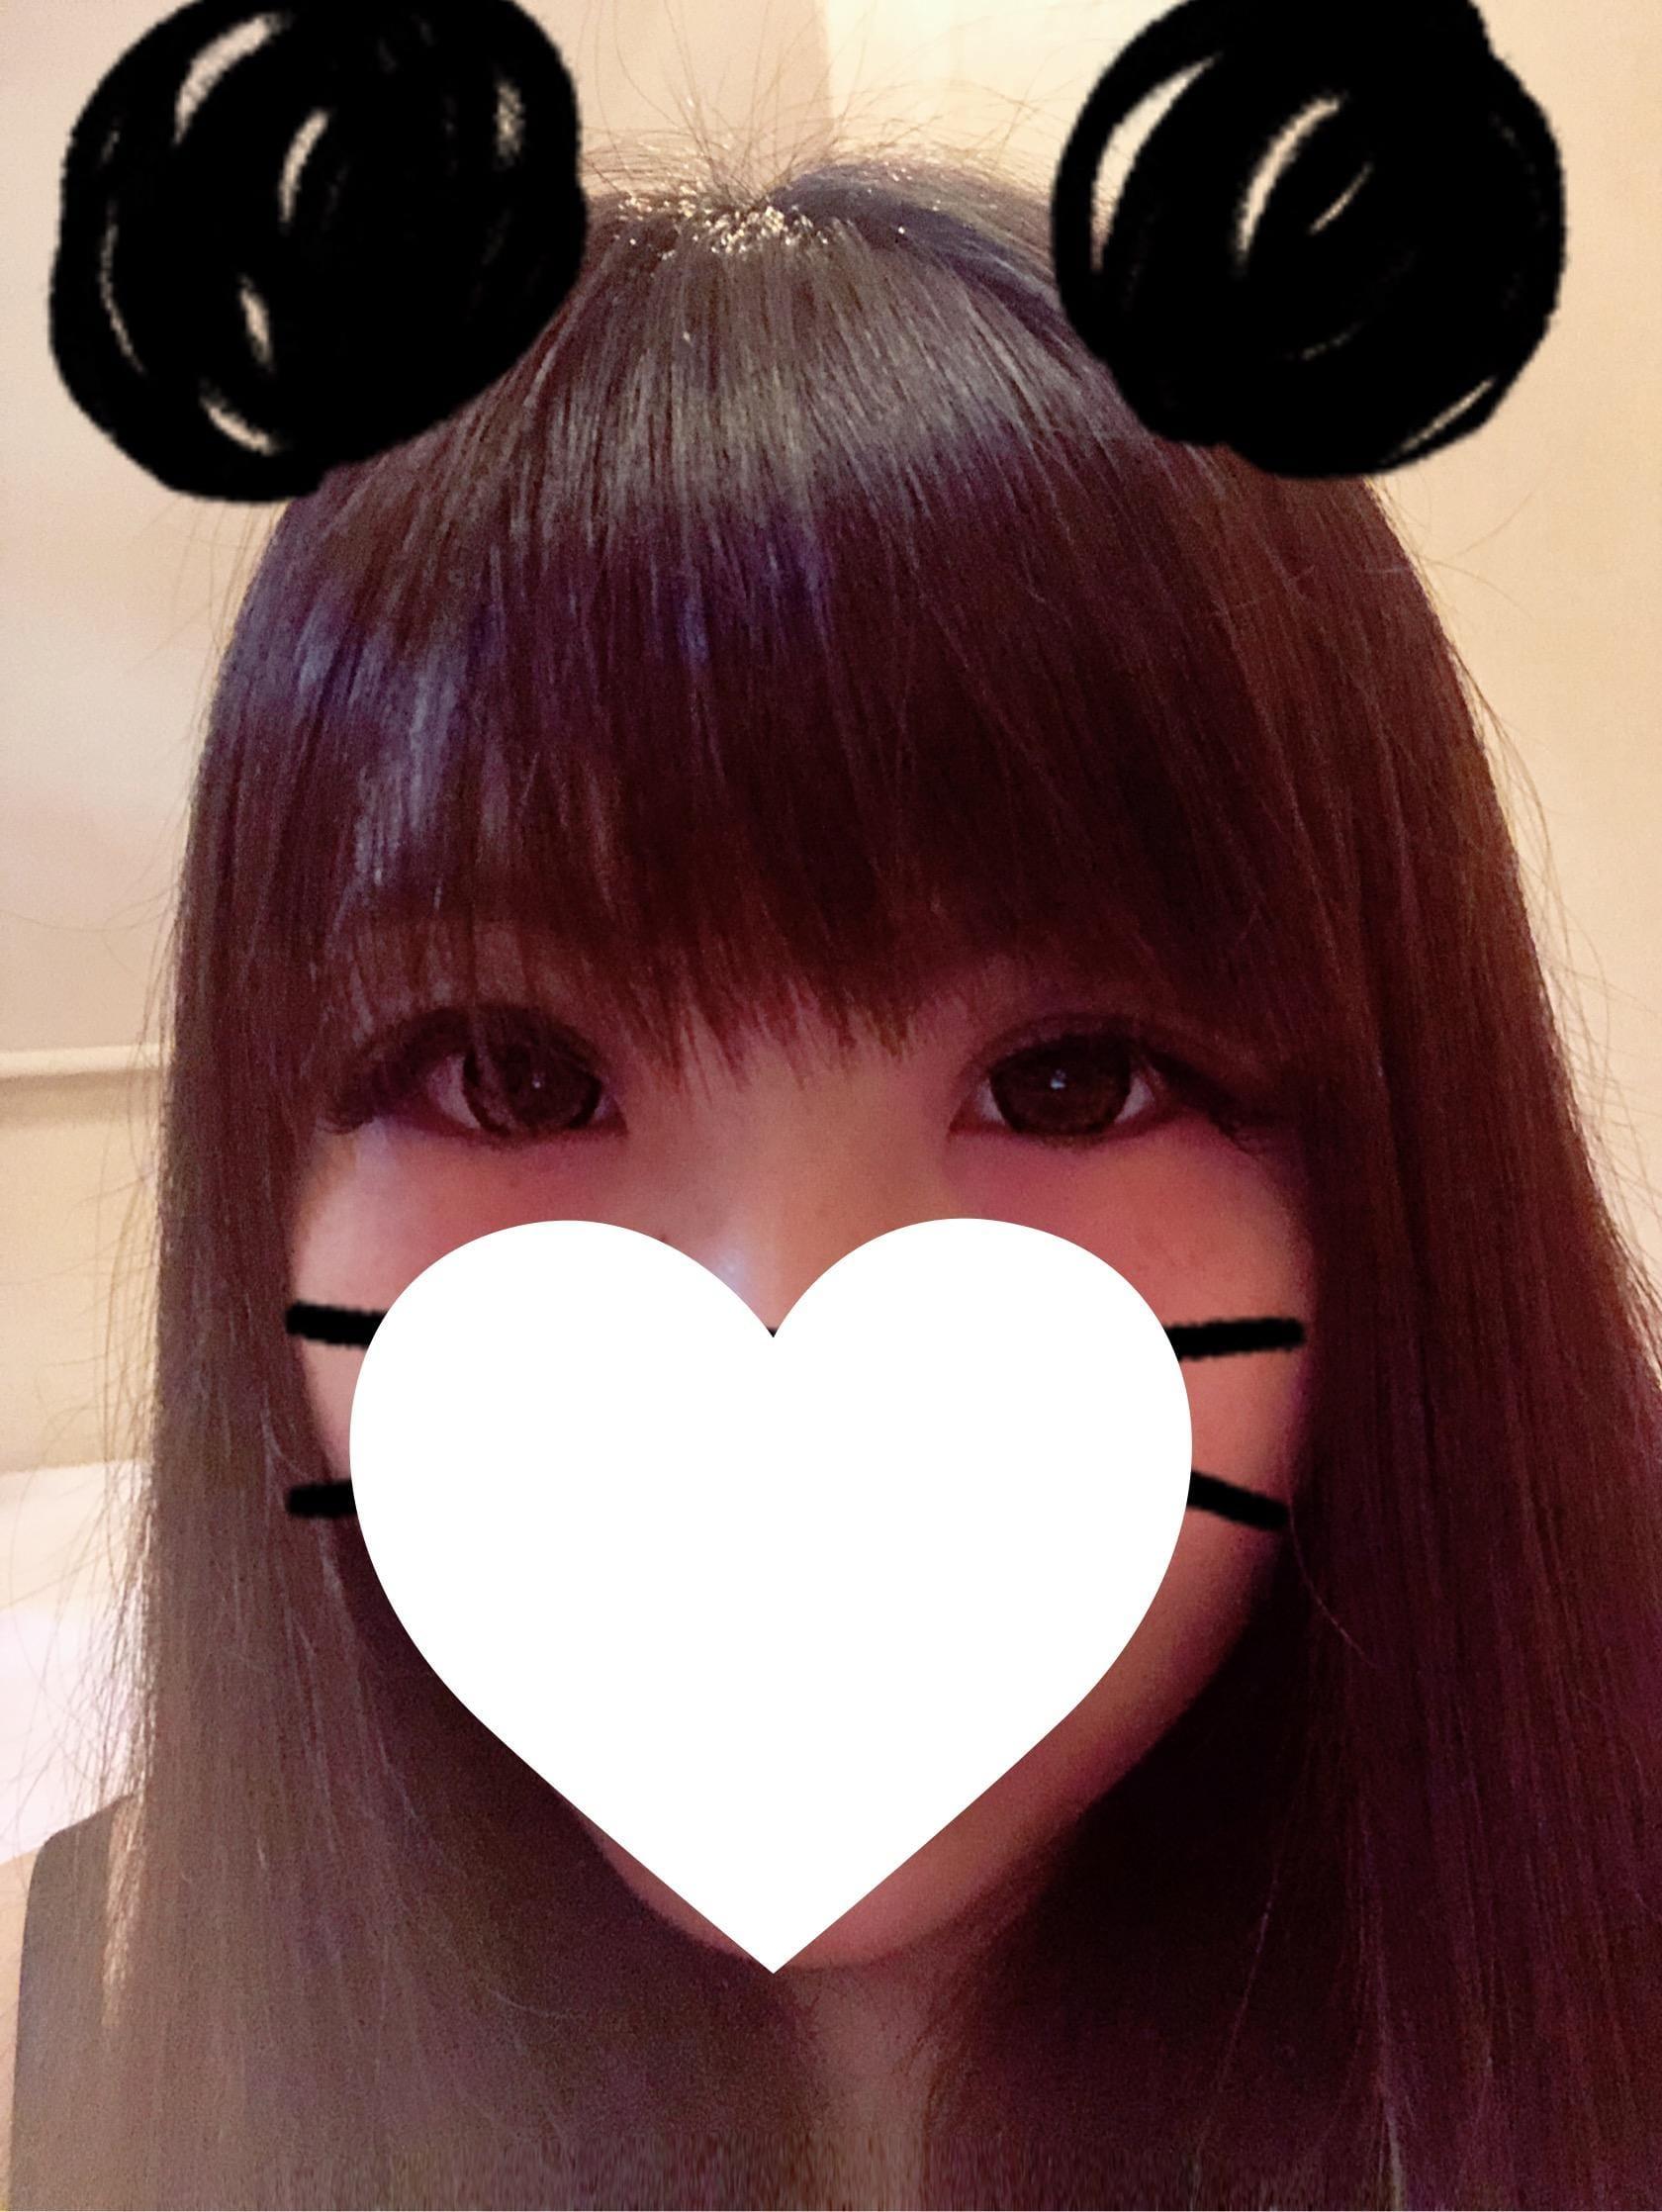 「おはよう♡」11/14(水) 14:40 | しおりの写メ・風俗動画